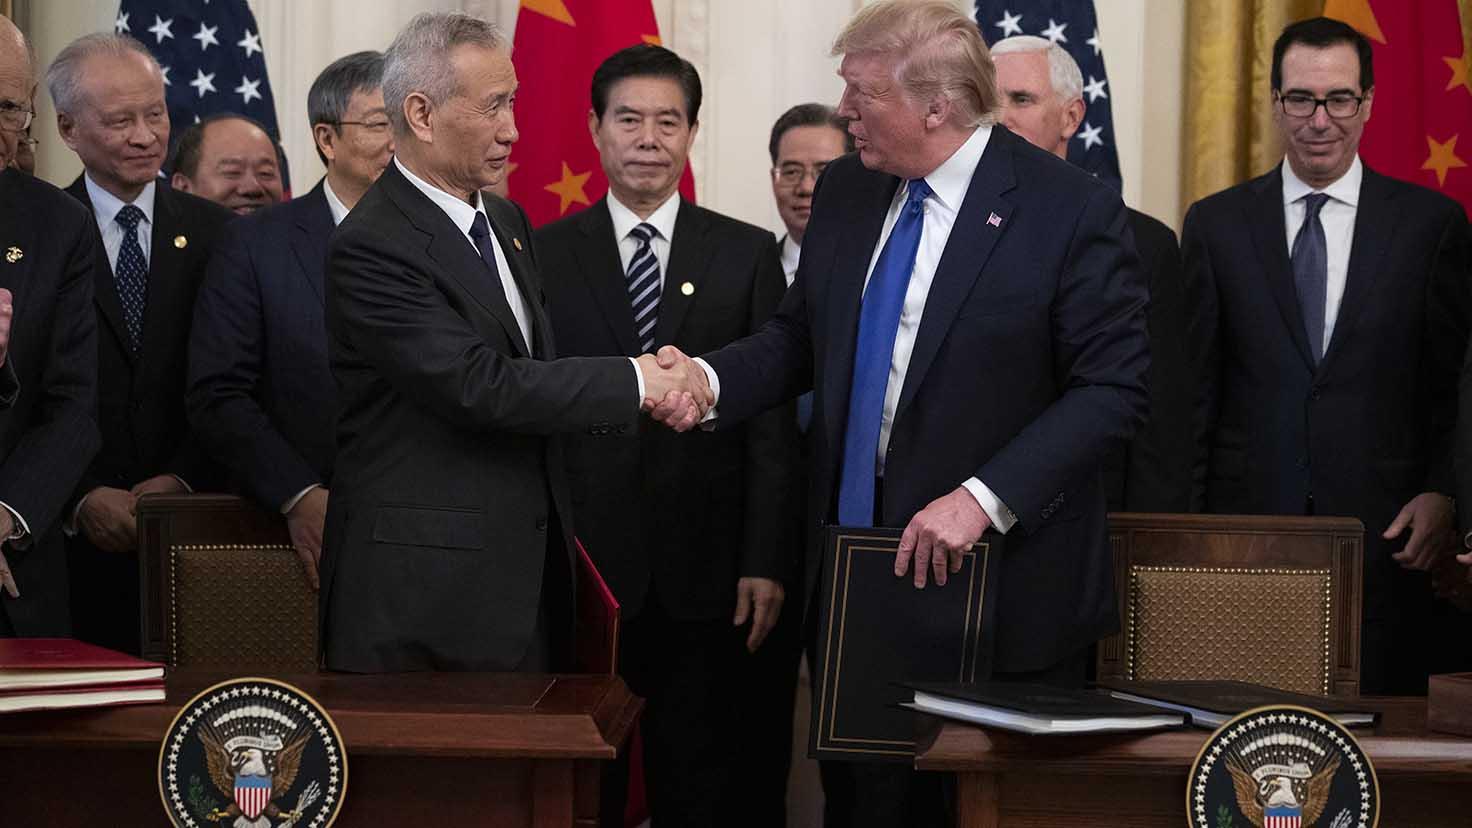 在美中两国历经18个月的贸易争斗后,美国总统特朗普(右)和中国副总理刘鹤2020年1月15日中午,在美国白宫签署了第一阶段的贸易协议。(美联社)